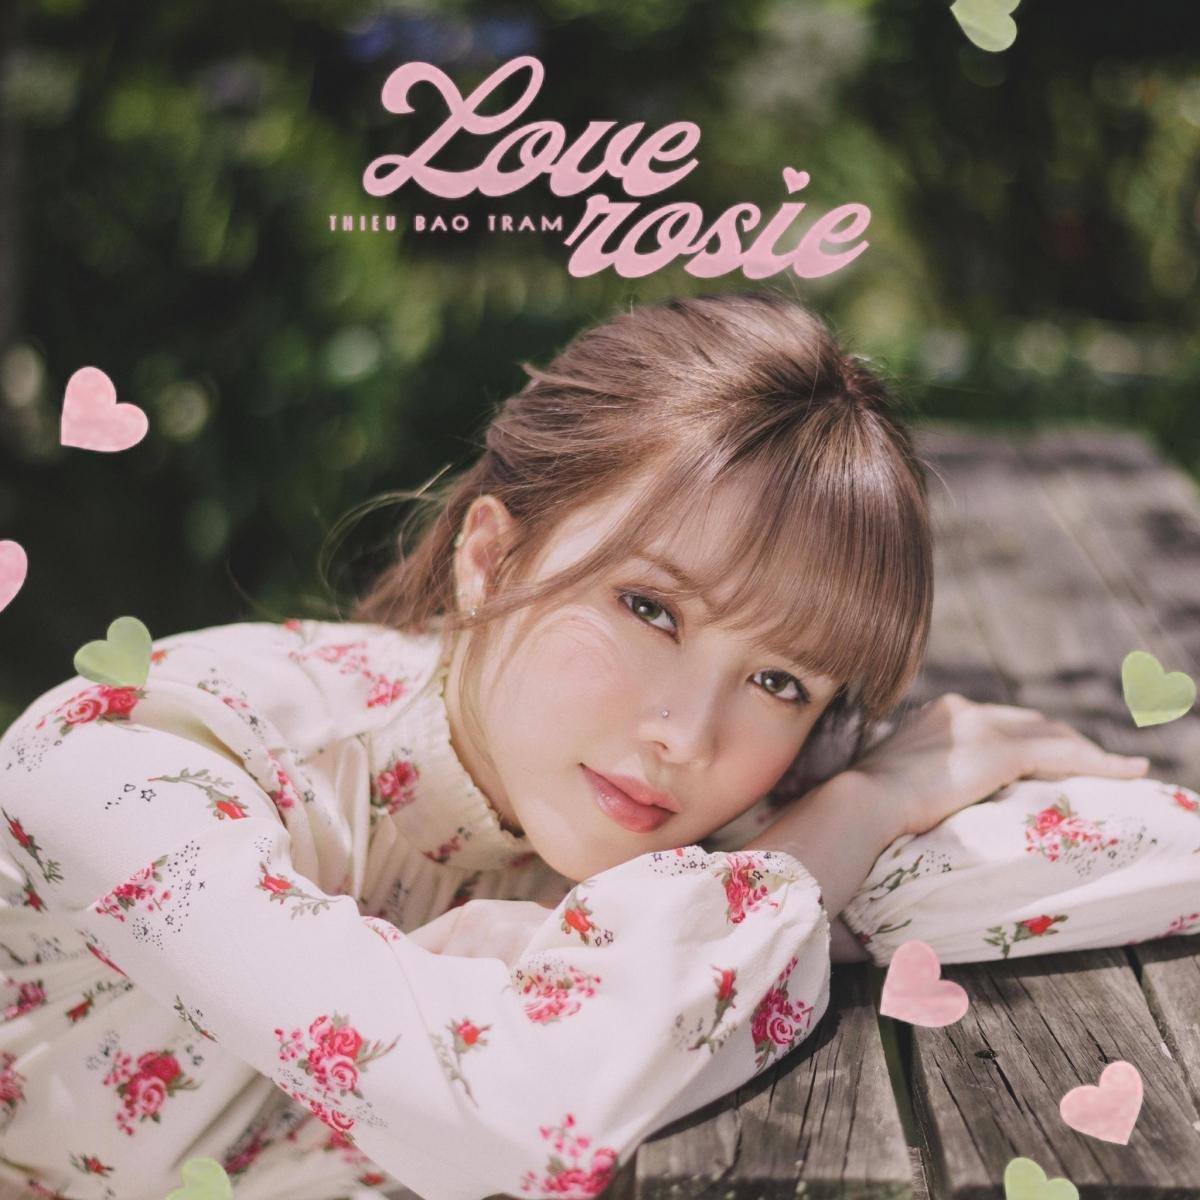 """MV """"Love Rosie"""" của Thiều Bảo Trâm ra mắt vào tối 5/5."""